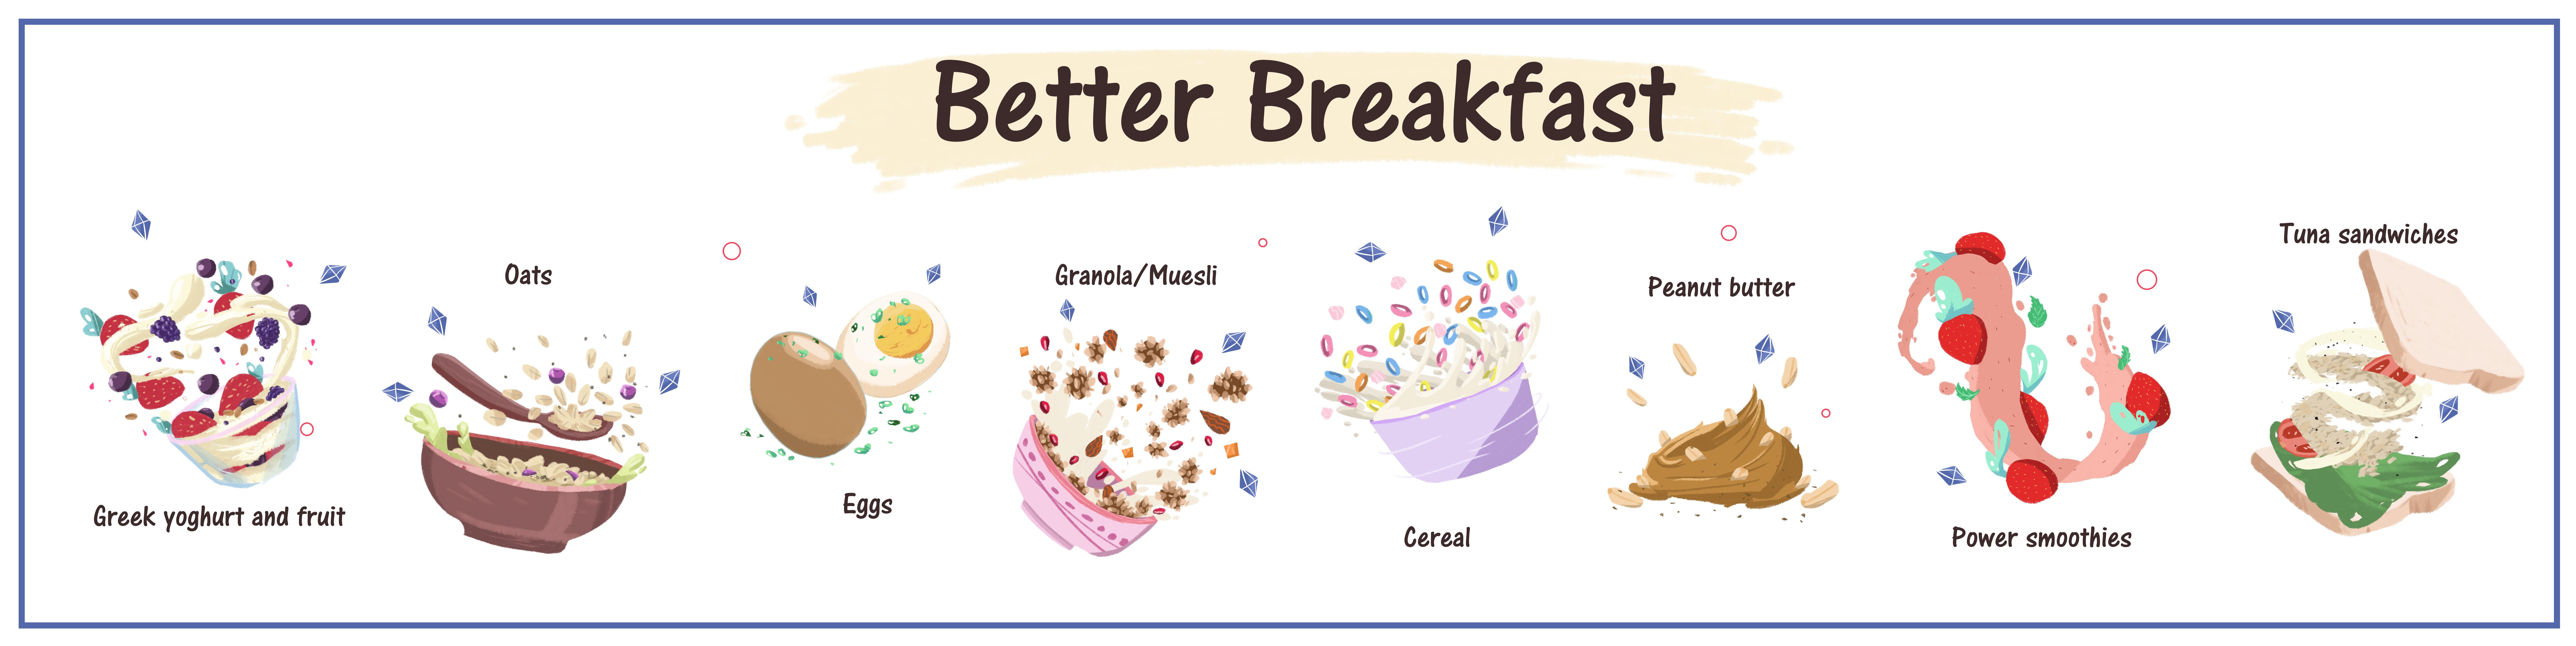 Better breakfast